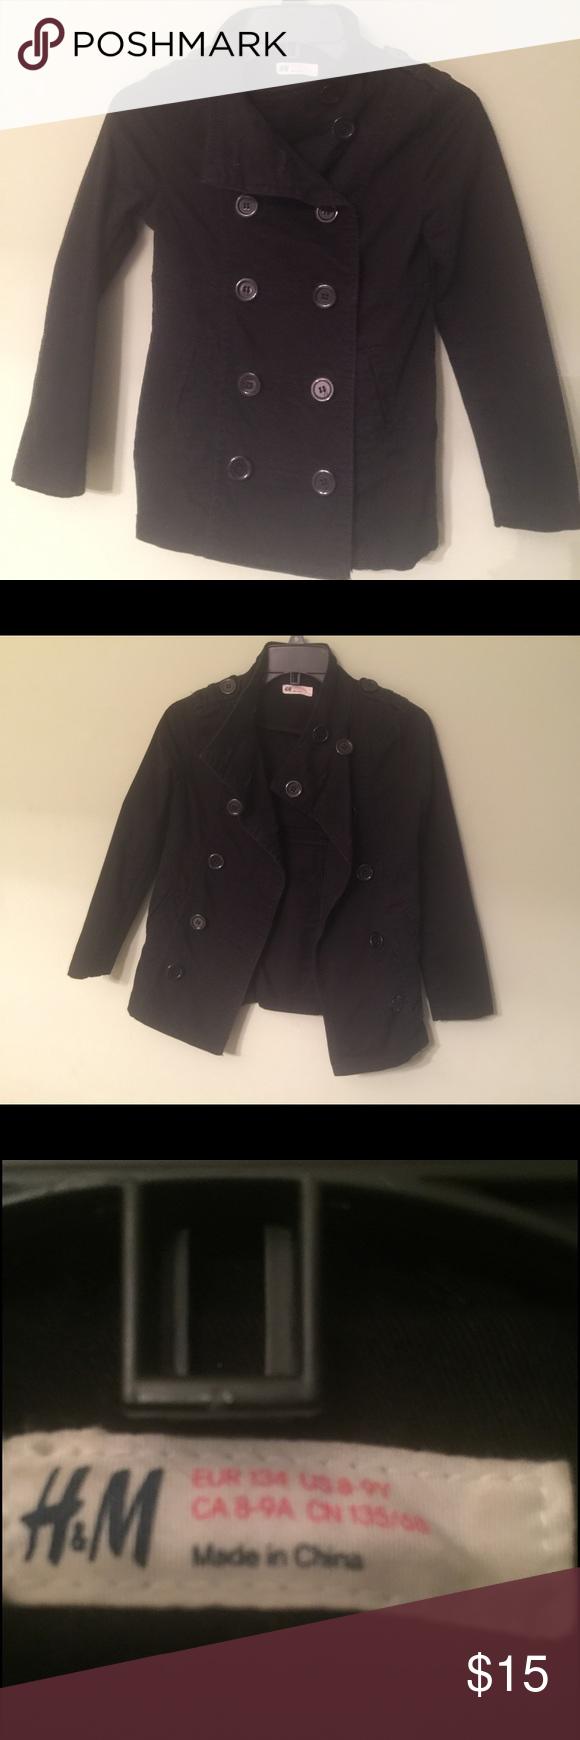 Girls black jacket Girls H&M black jacket. 98% Cotton 2%Elastane. Size 8-9 H&M Jackets & Coats